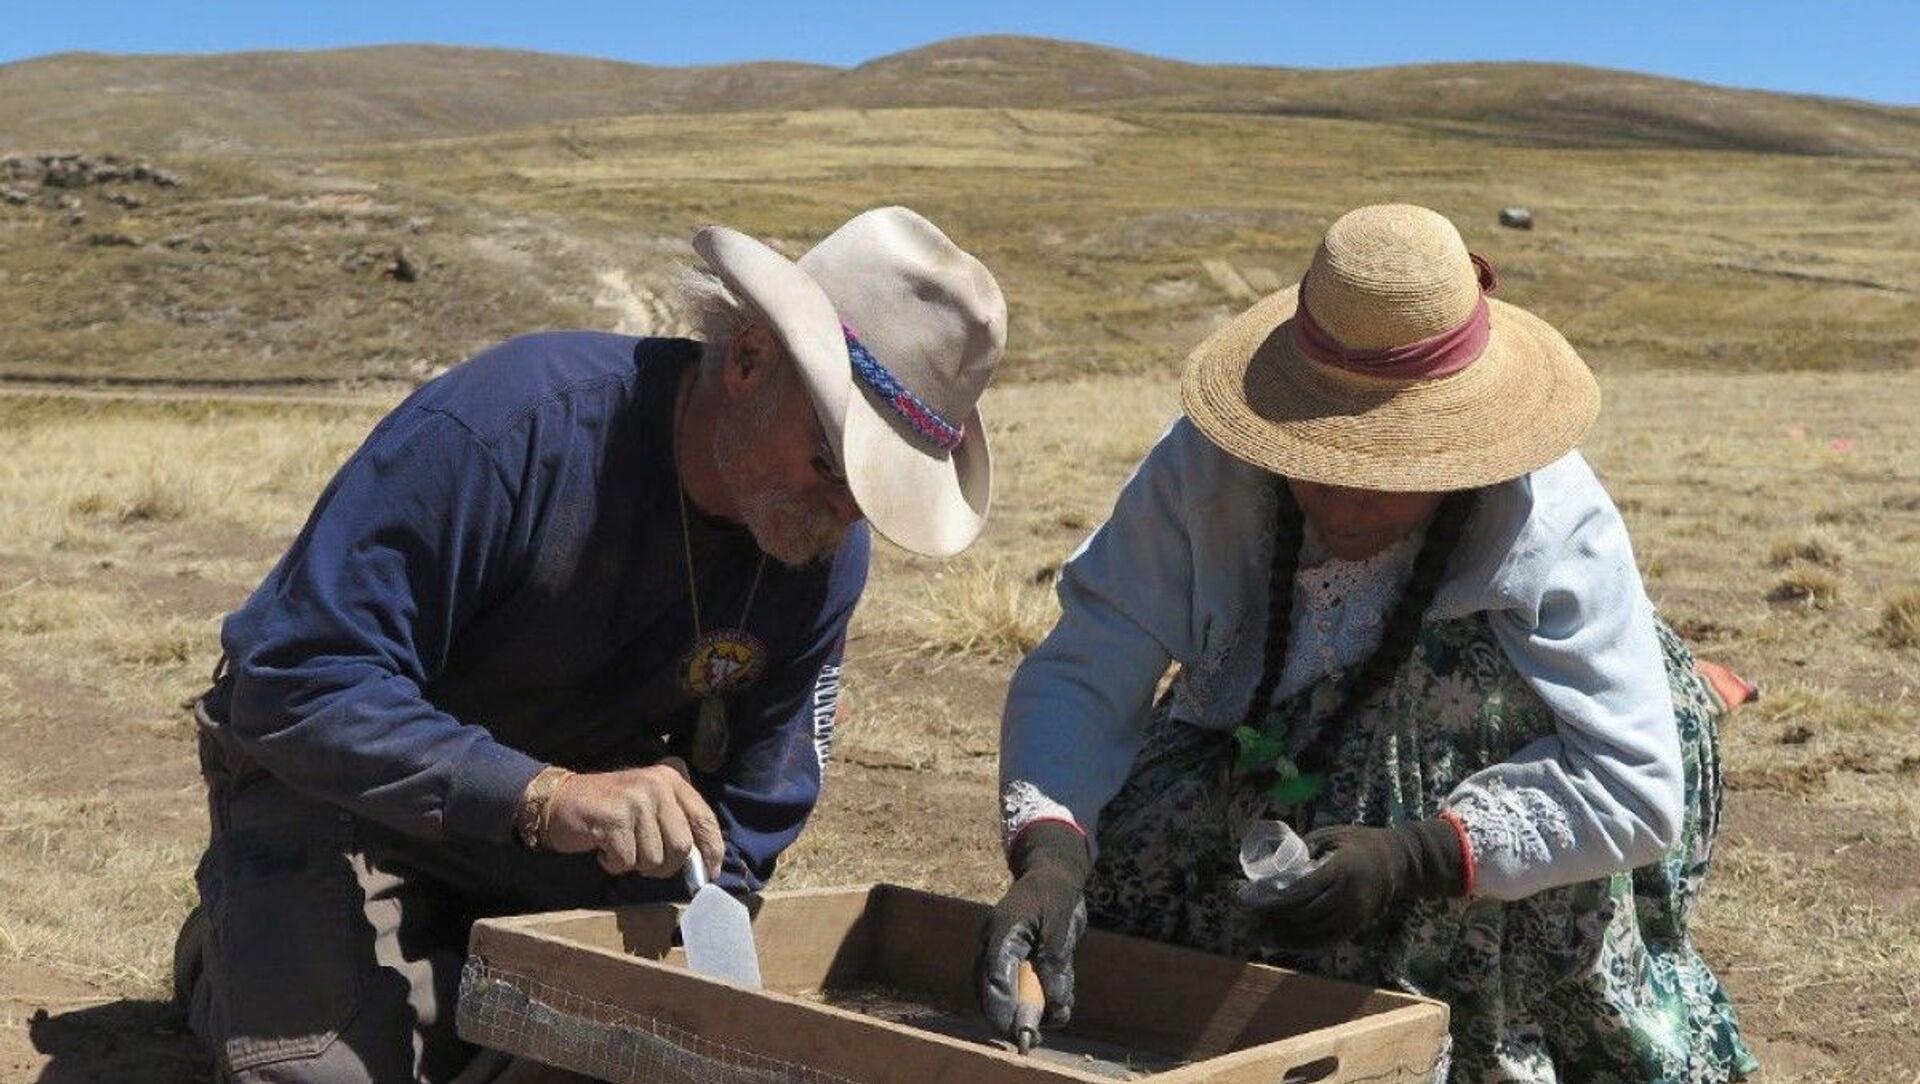 Arqueólogos en el Wilamaya Patjxa en Perú, donde se hallaron los restos de 9.000 años de una mujer cazadora - Sputnik Mundo, 1920, 12.11.2020